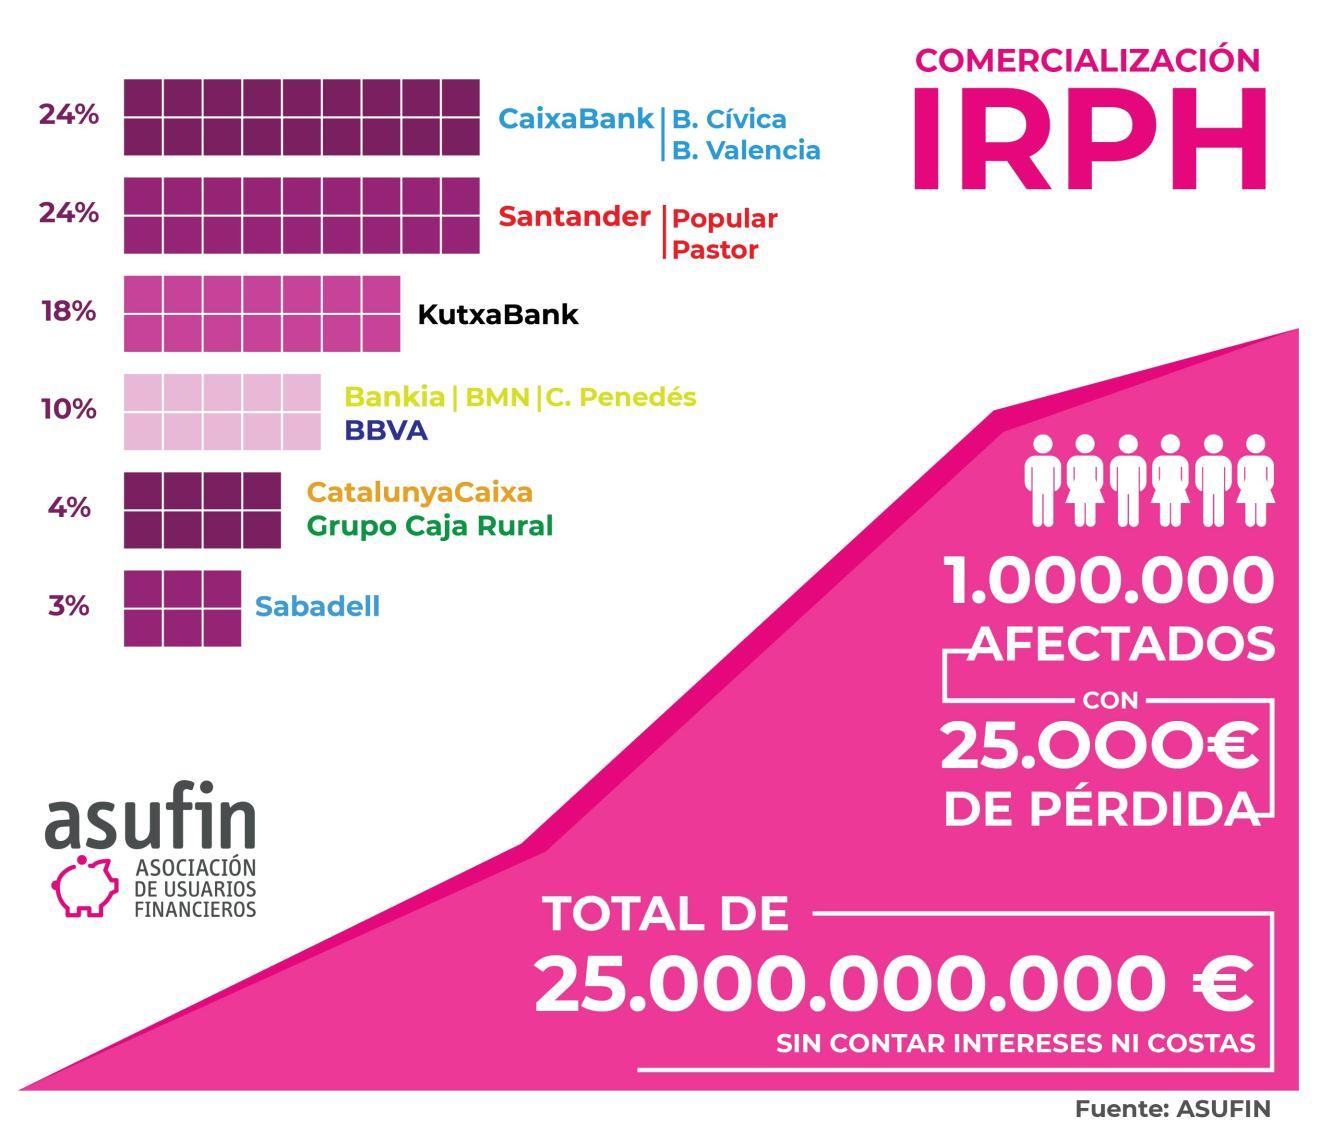 IRPH: Cataluña, País Vasco y Andalucía acaparan el 64% de las sentencias